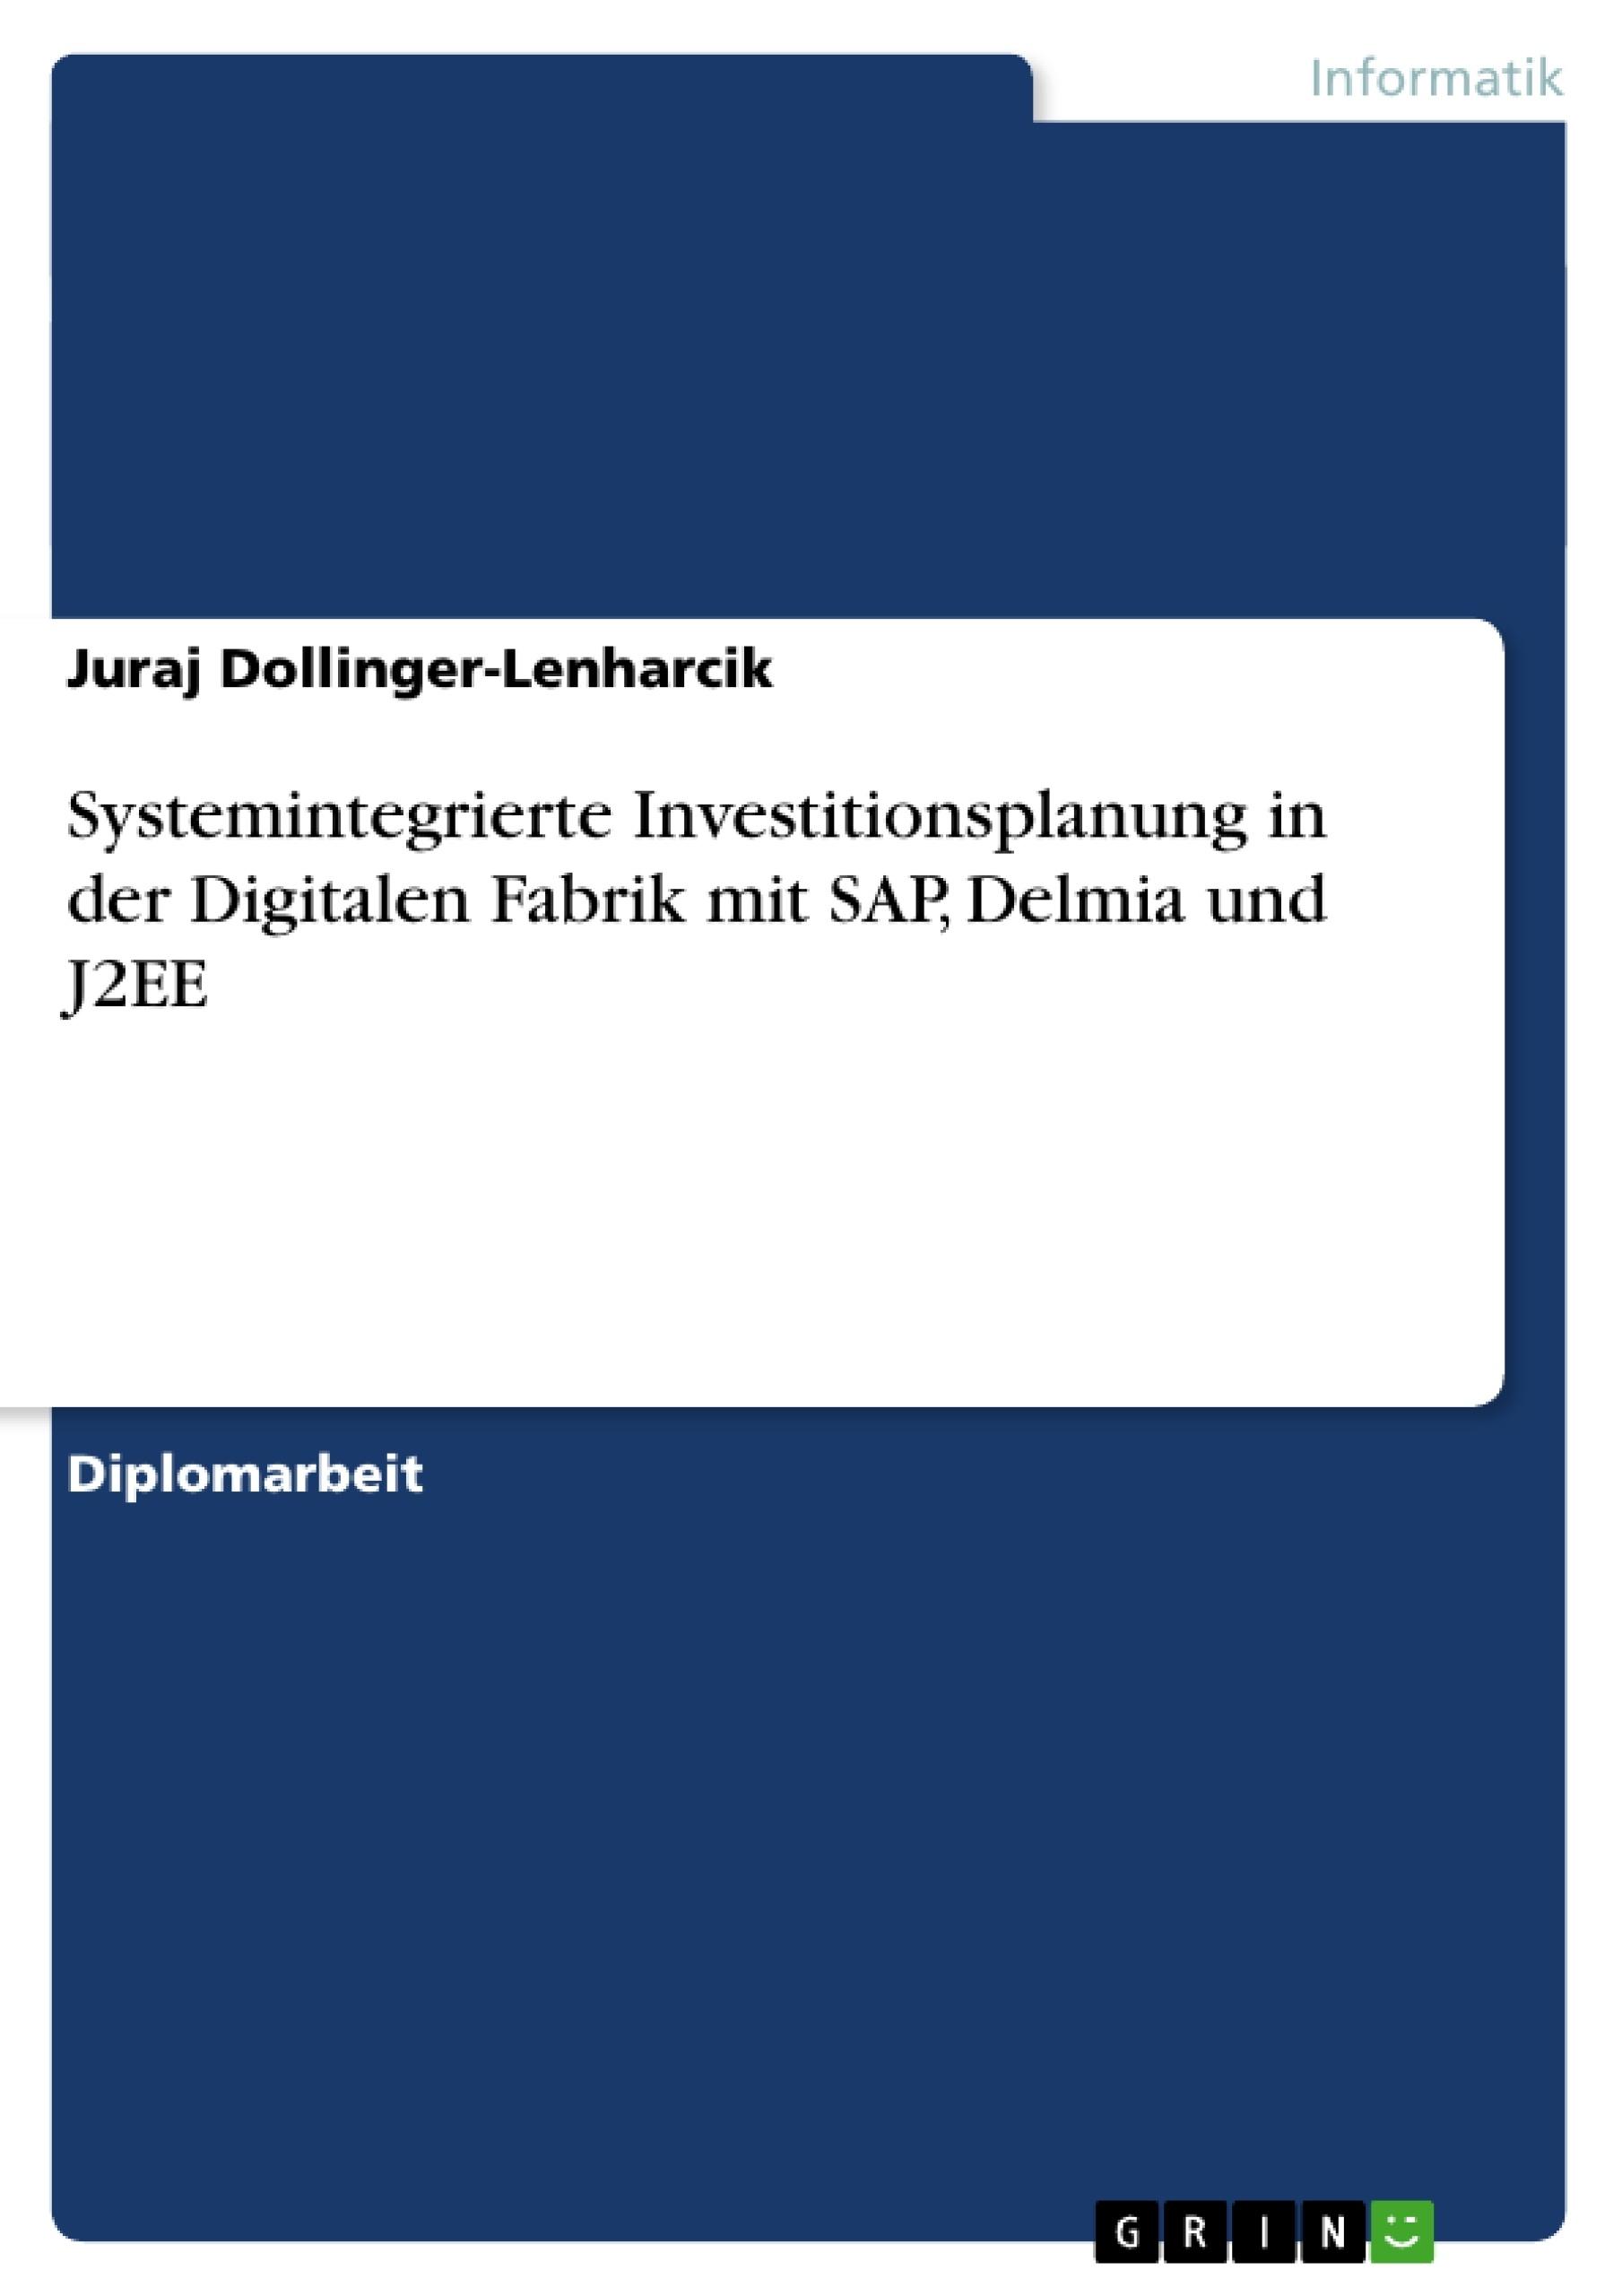 Titel: Systemintegrierte Investitionsplanung in der Digitalen Fabrik mit SAP, Delmia und J2EE